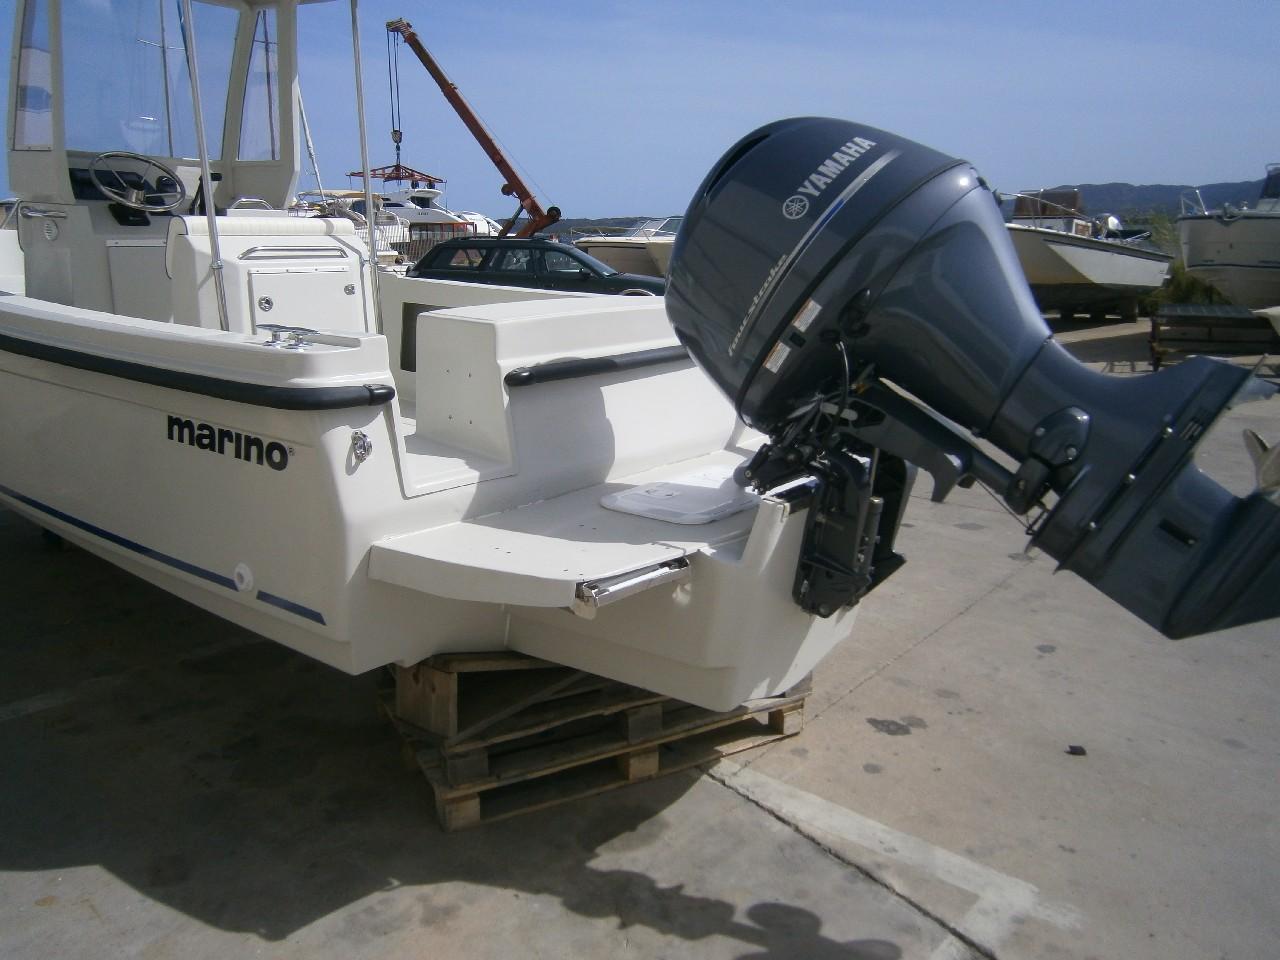 marino590